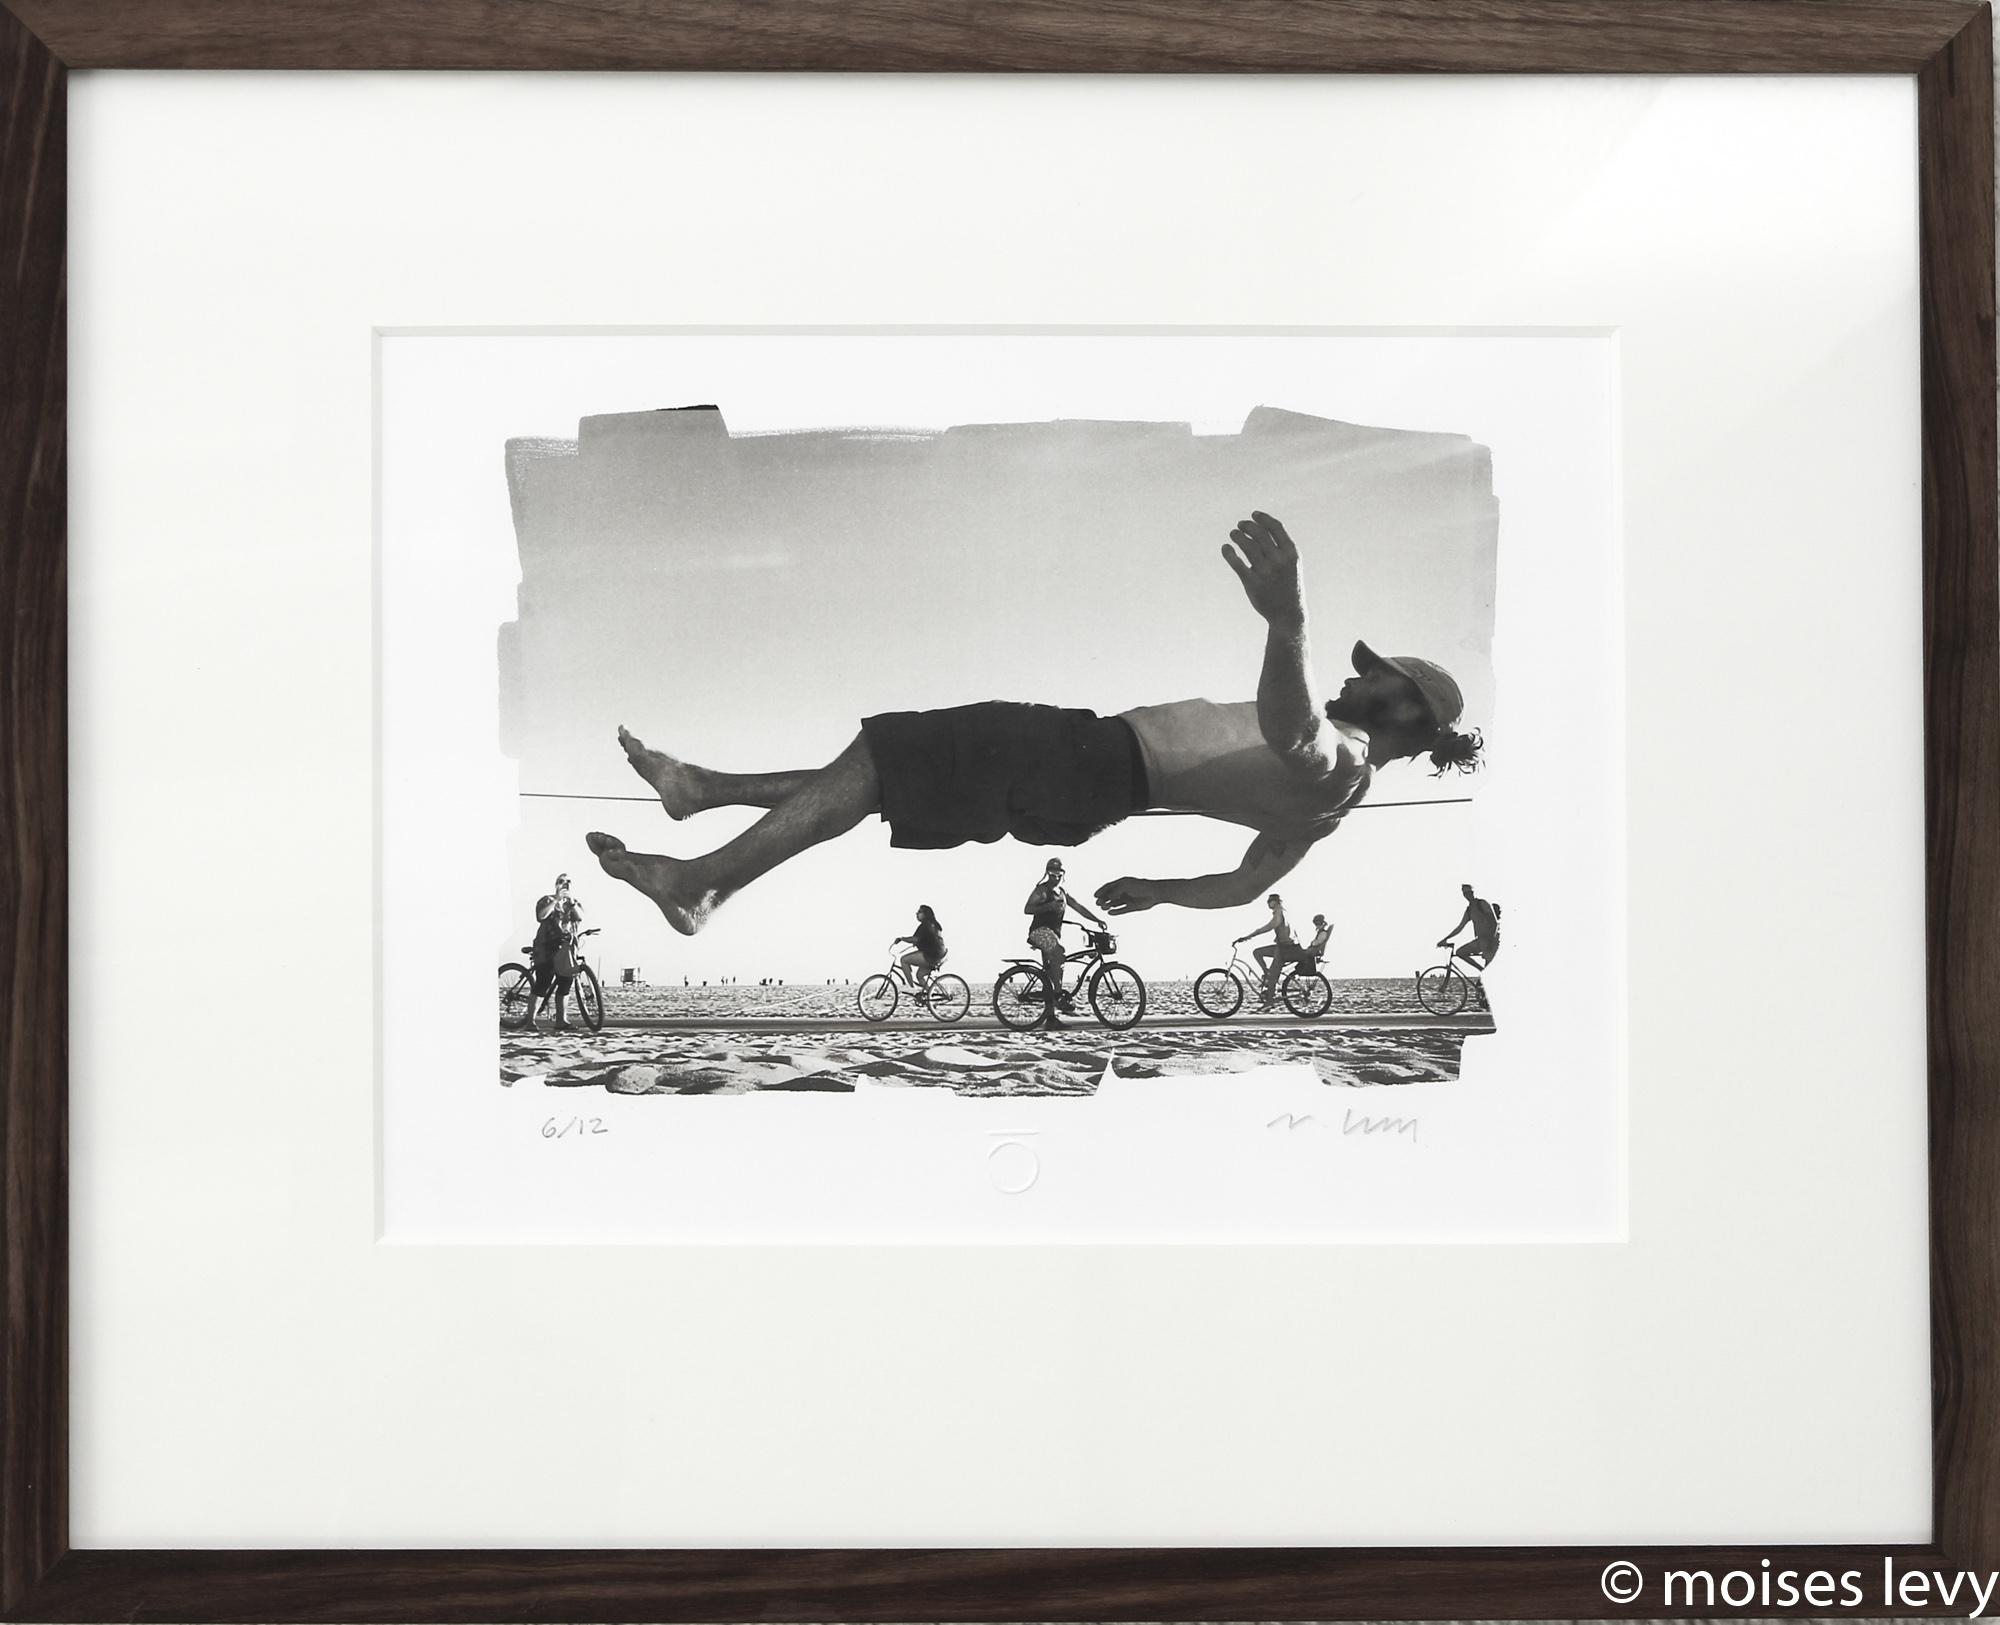 Levitation Image